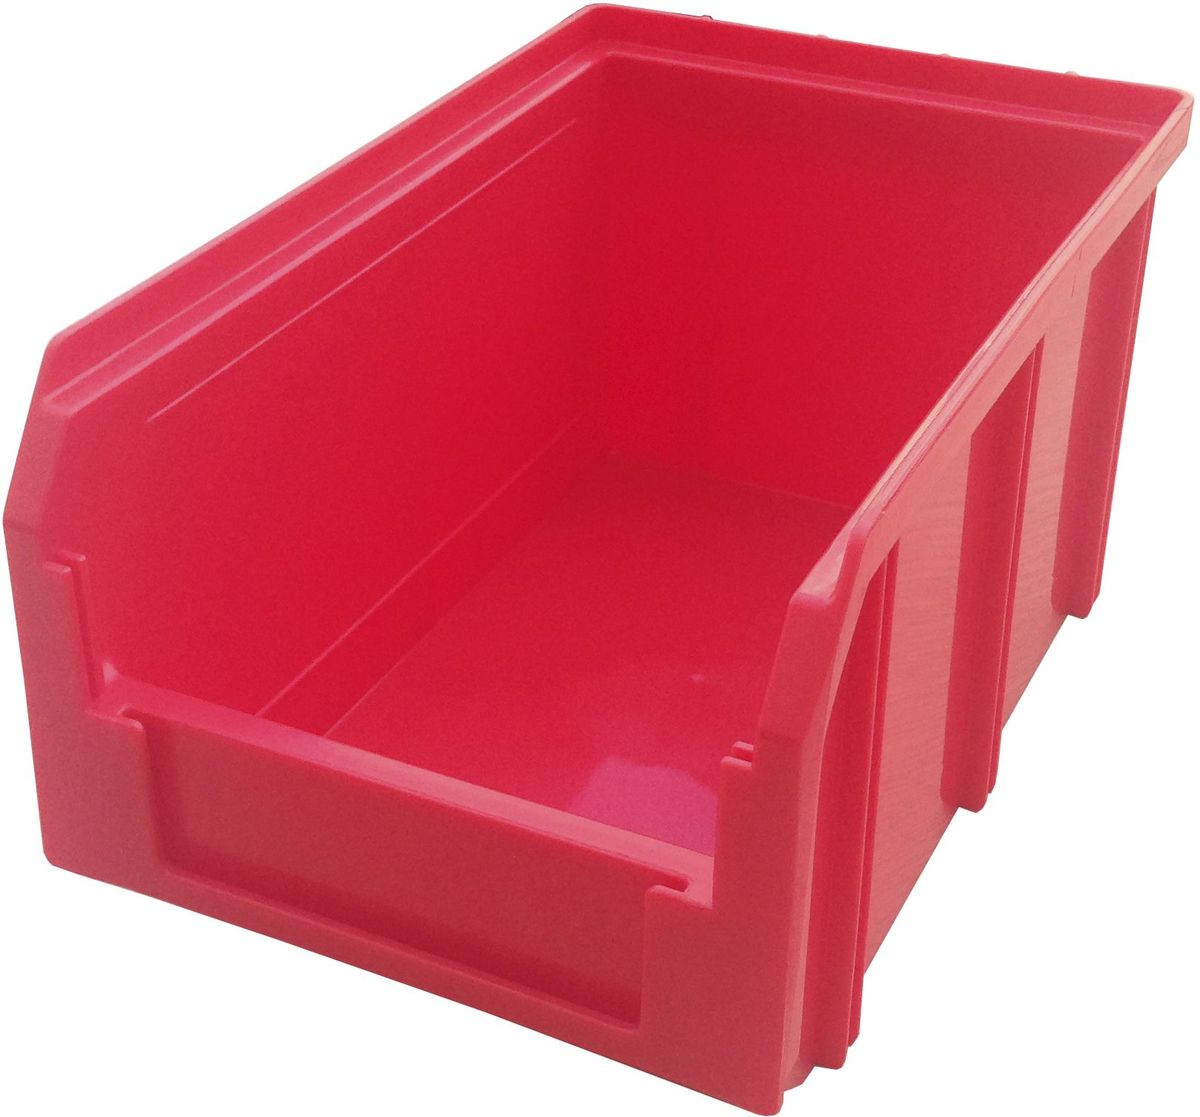 Ящик пластиковый Стелла V-2, цвет: красный, 23,4 х 14,9 х 12,1 смV-2 красныйПластиковый ящик Стелла V-2 применяется на складах для организации мест хранения для различных мелочей, например: деталей, заготовок, комплектующих, крепежа, запчастей и многого другого. Ящик отличается высоким уровнем износостойкости, он полностью выполнен из ударопрочного пластика. Для быстрой идентификации нужного ящика в передней стенке предусмотрен карман для ярлыка с описанием содержимого.Особенности:Объем: 3,8 л. Возможность штабелирования контейнеров друг на друга. Удобные рукоятки. Наличие зацепа для размещения на стойке.